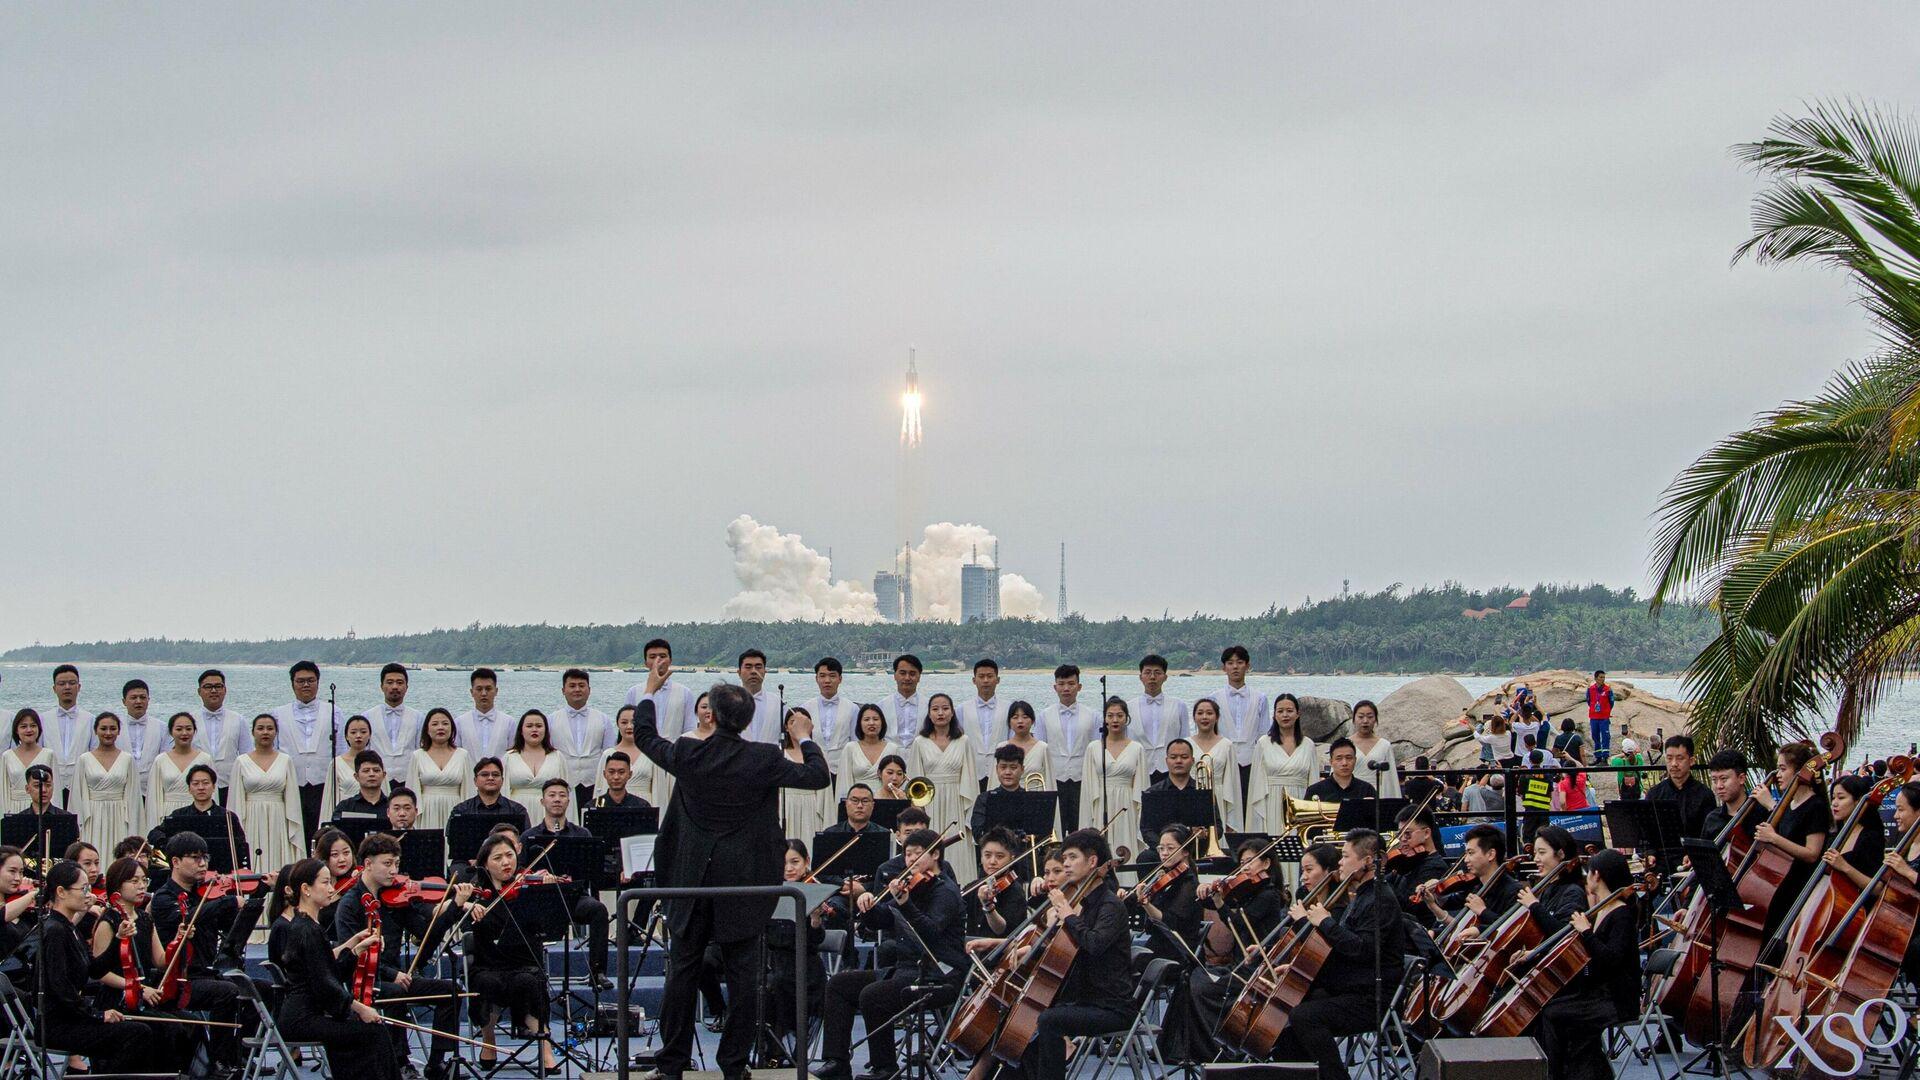 El cohete Long March 5B despega mientras una banda toca música - Sputnik Mundo, 1920, 06.05.2021